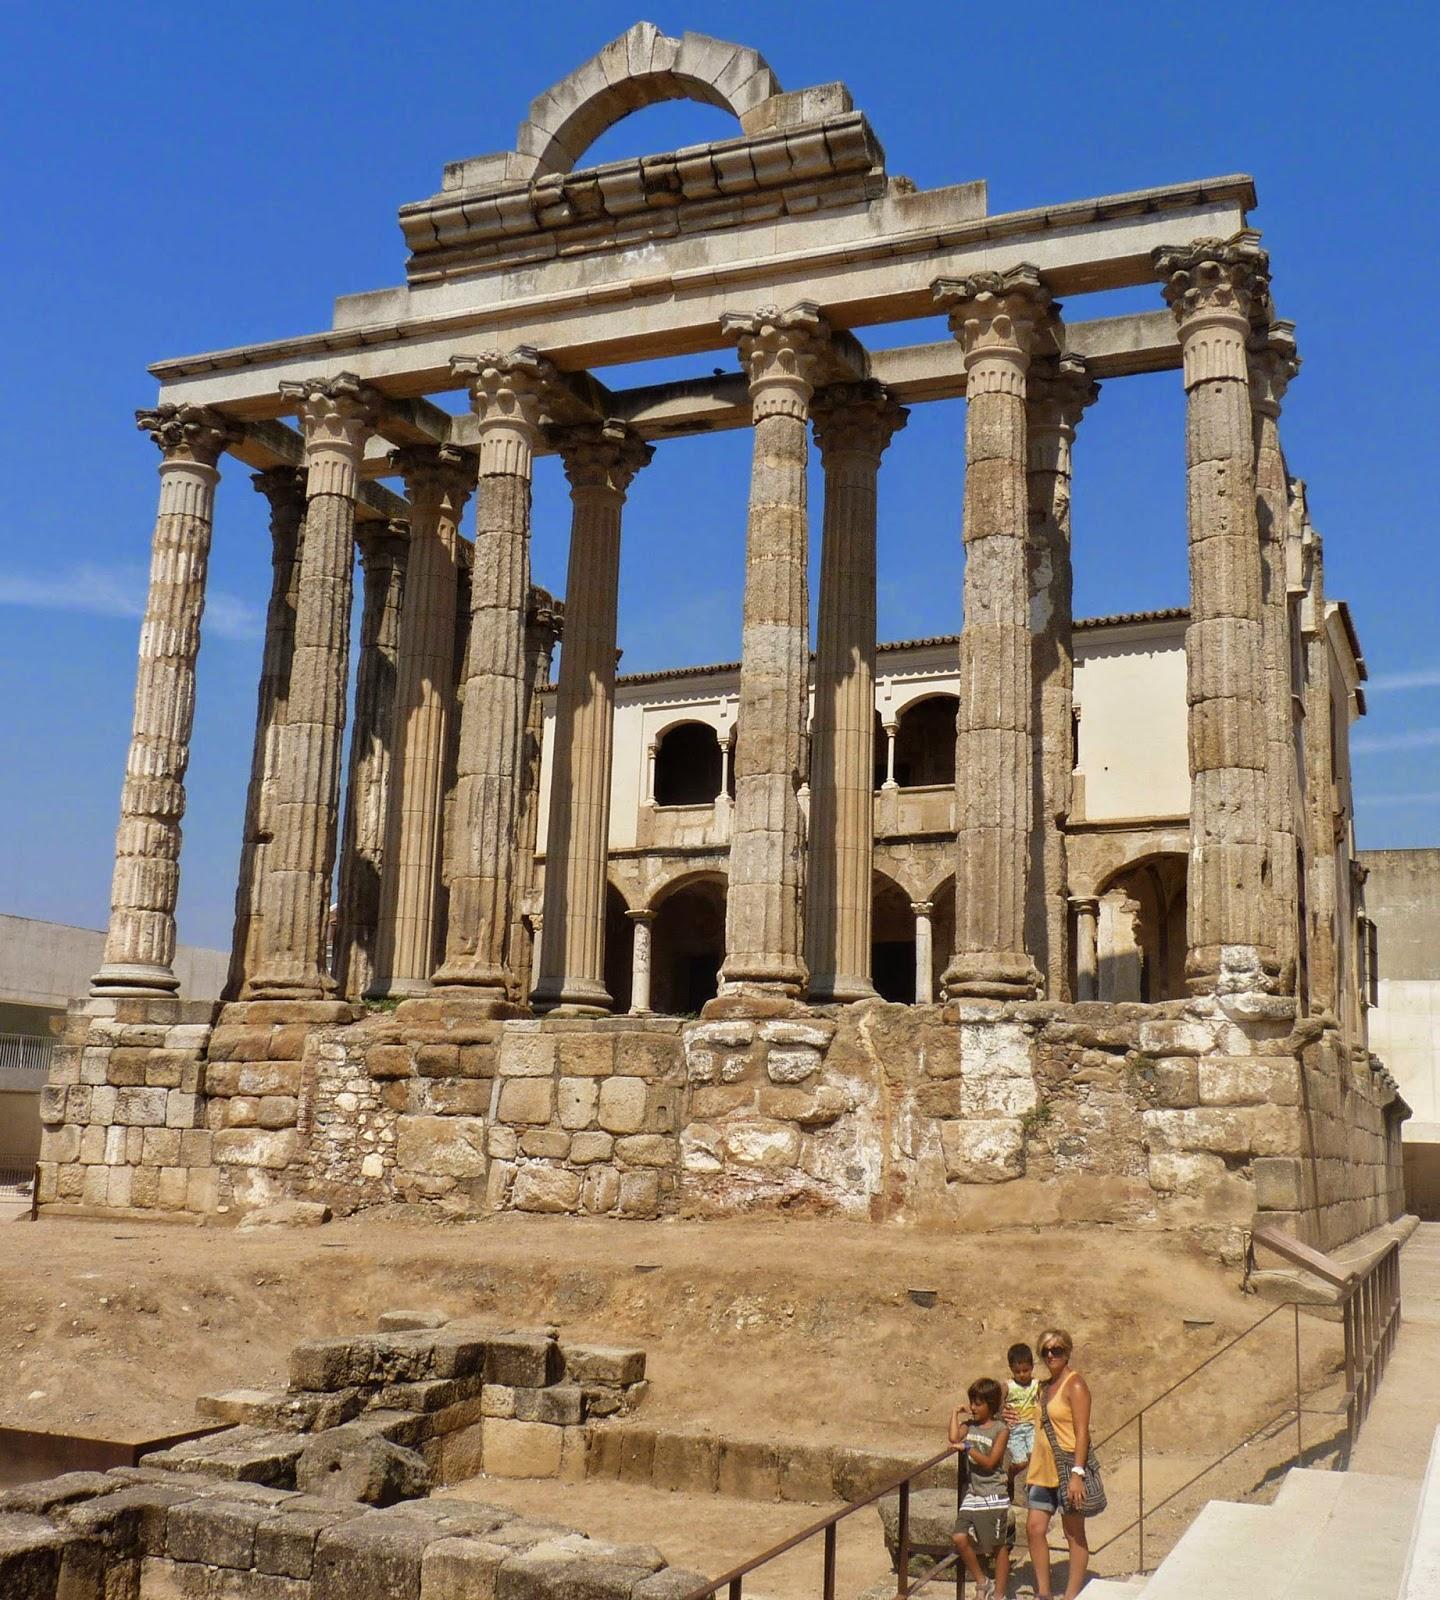 Mérida, Templo de Diana.